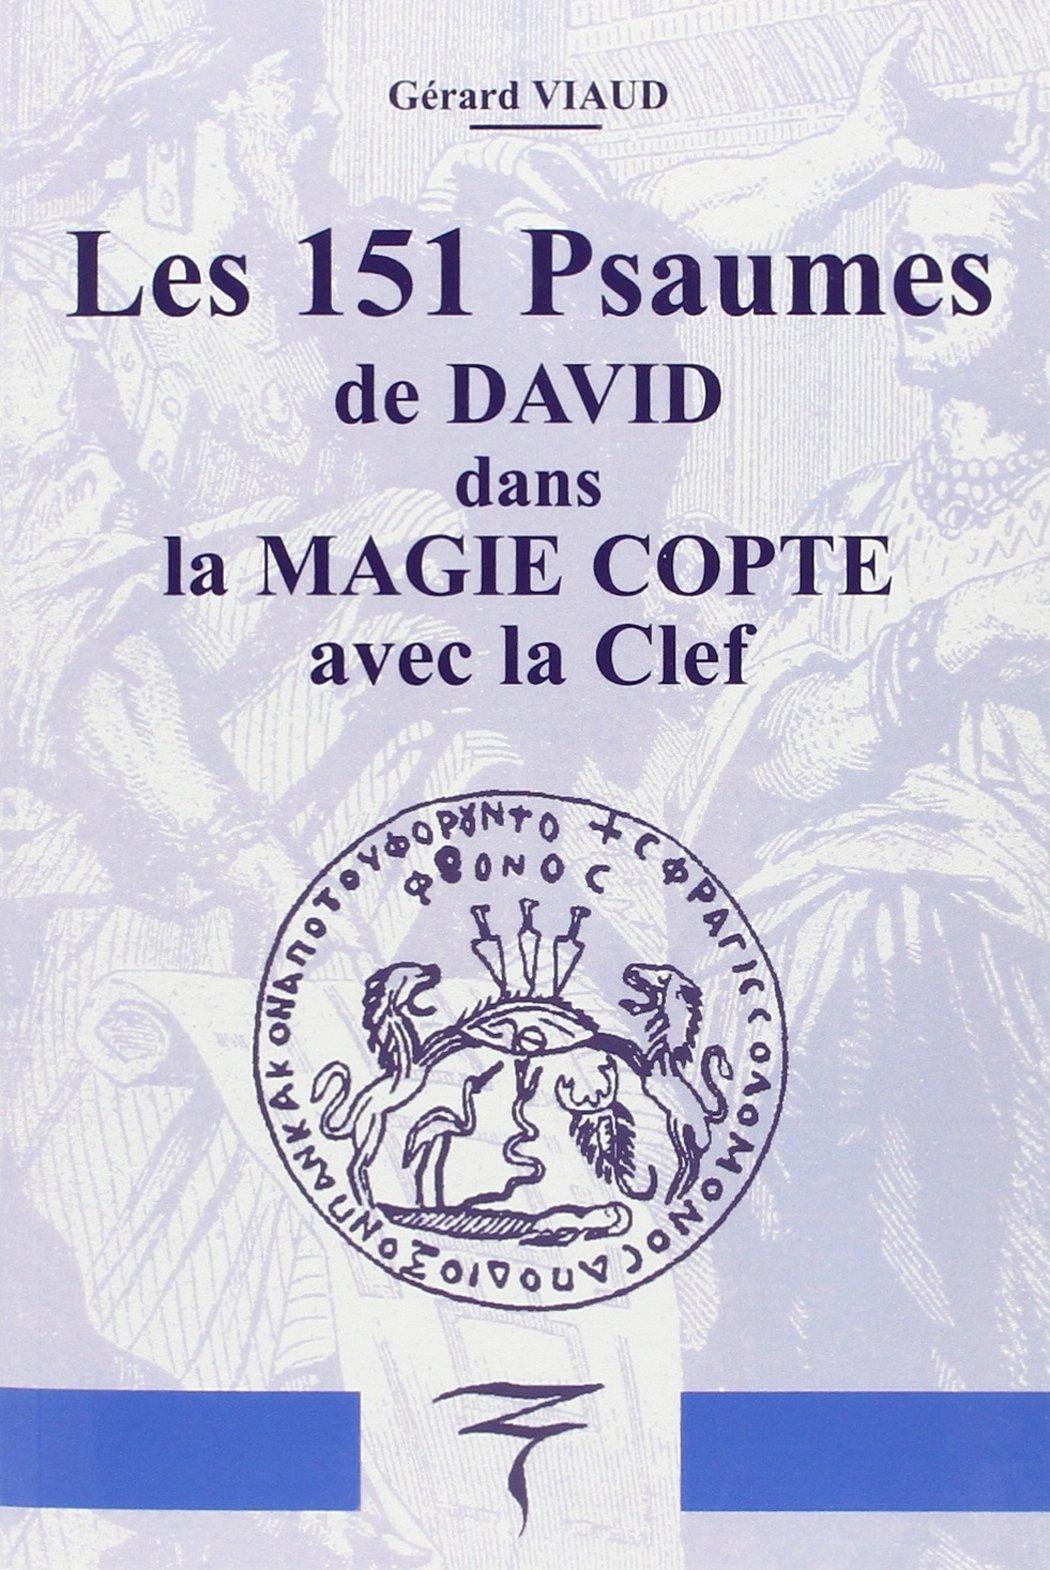 151 psaumes de David magie copte Broché – 14 novembre 2017 Gérard Viaud Librairie du Magnétisme 291369554X Esotérisme